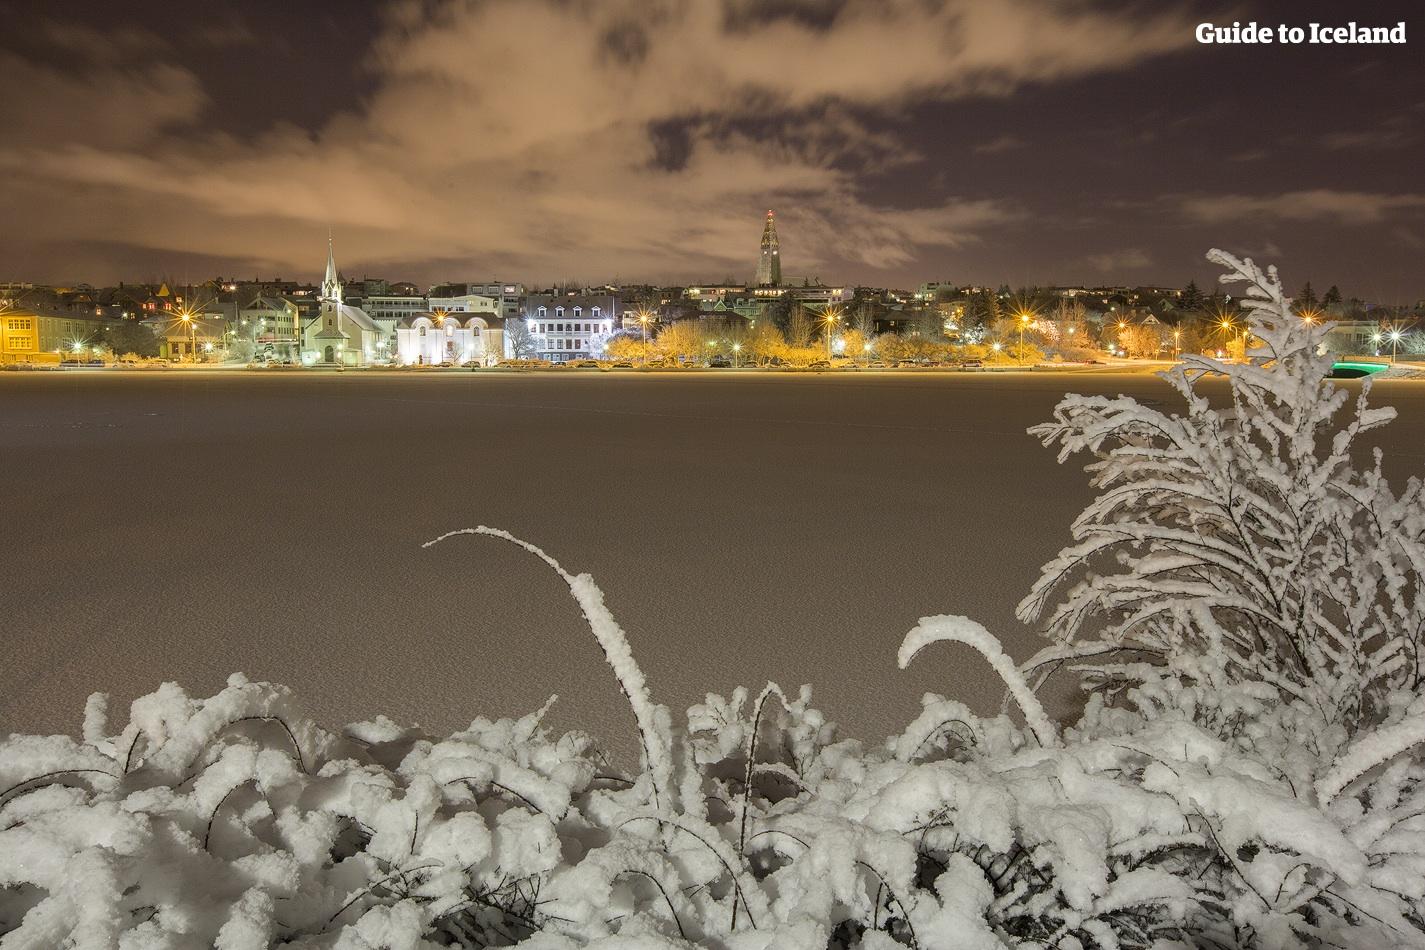 Światła w centrum Reykjaviku oświetlające ciemne zimowe niebo